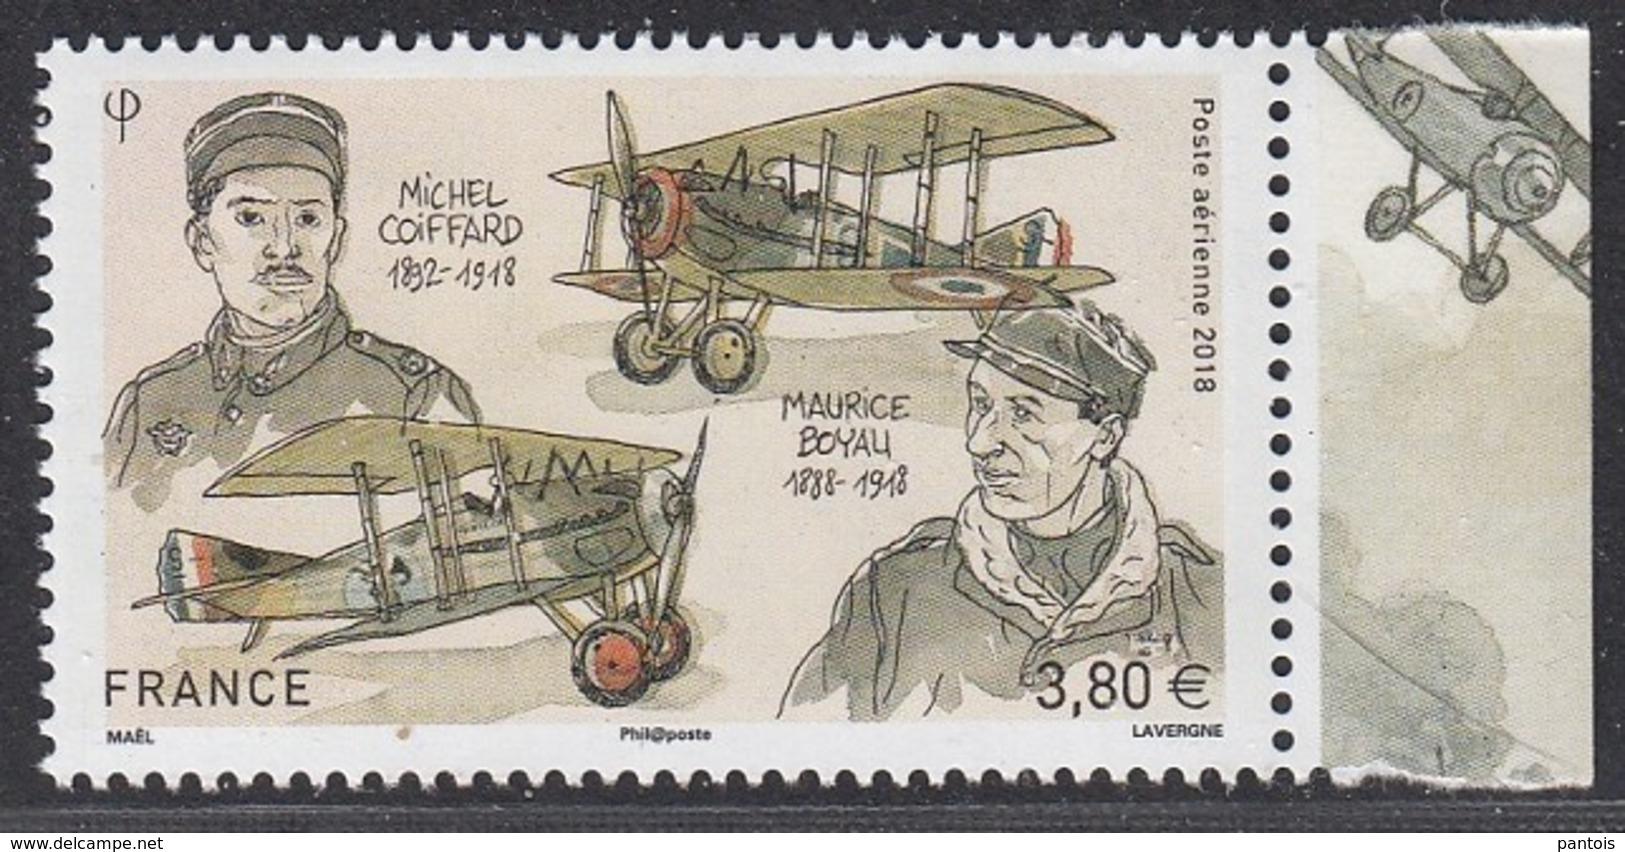 2018 Michel Coiffard Et Maurice Boyau Timbre Issu Du Feuillet De 10 ** - 1960-.... Neufs